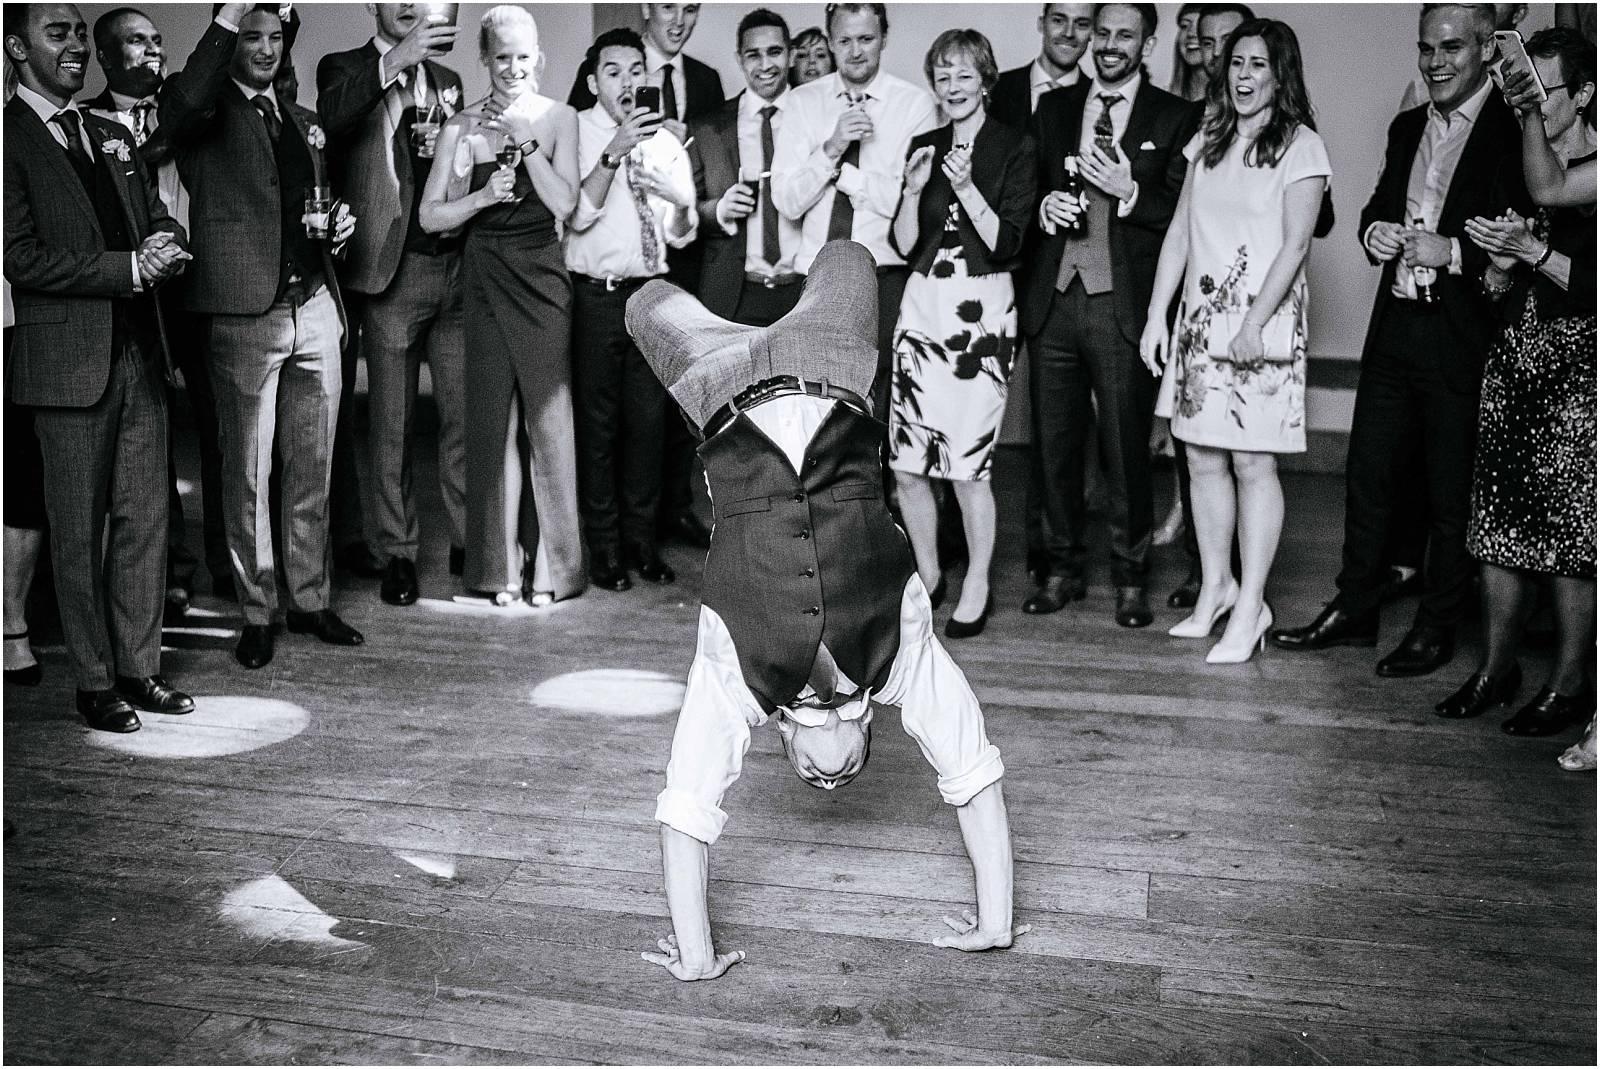 groom doing back flip